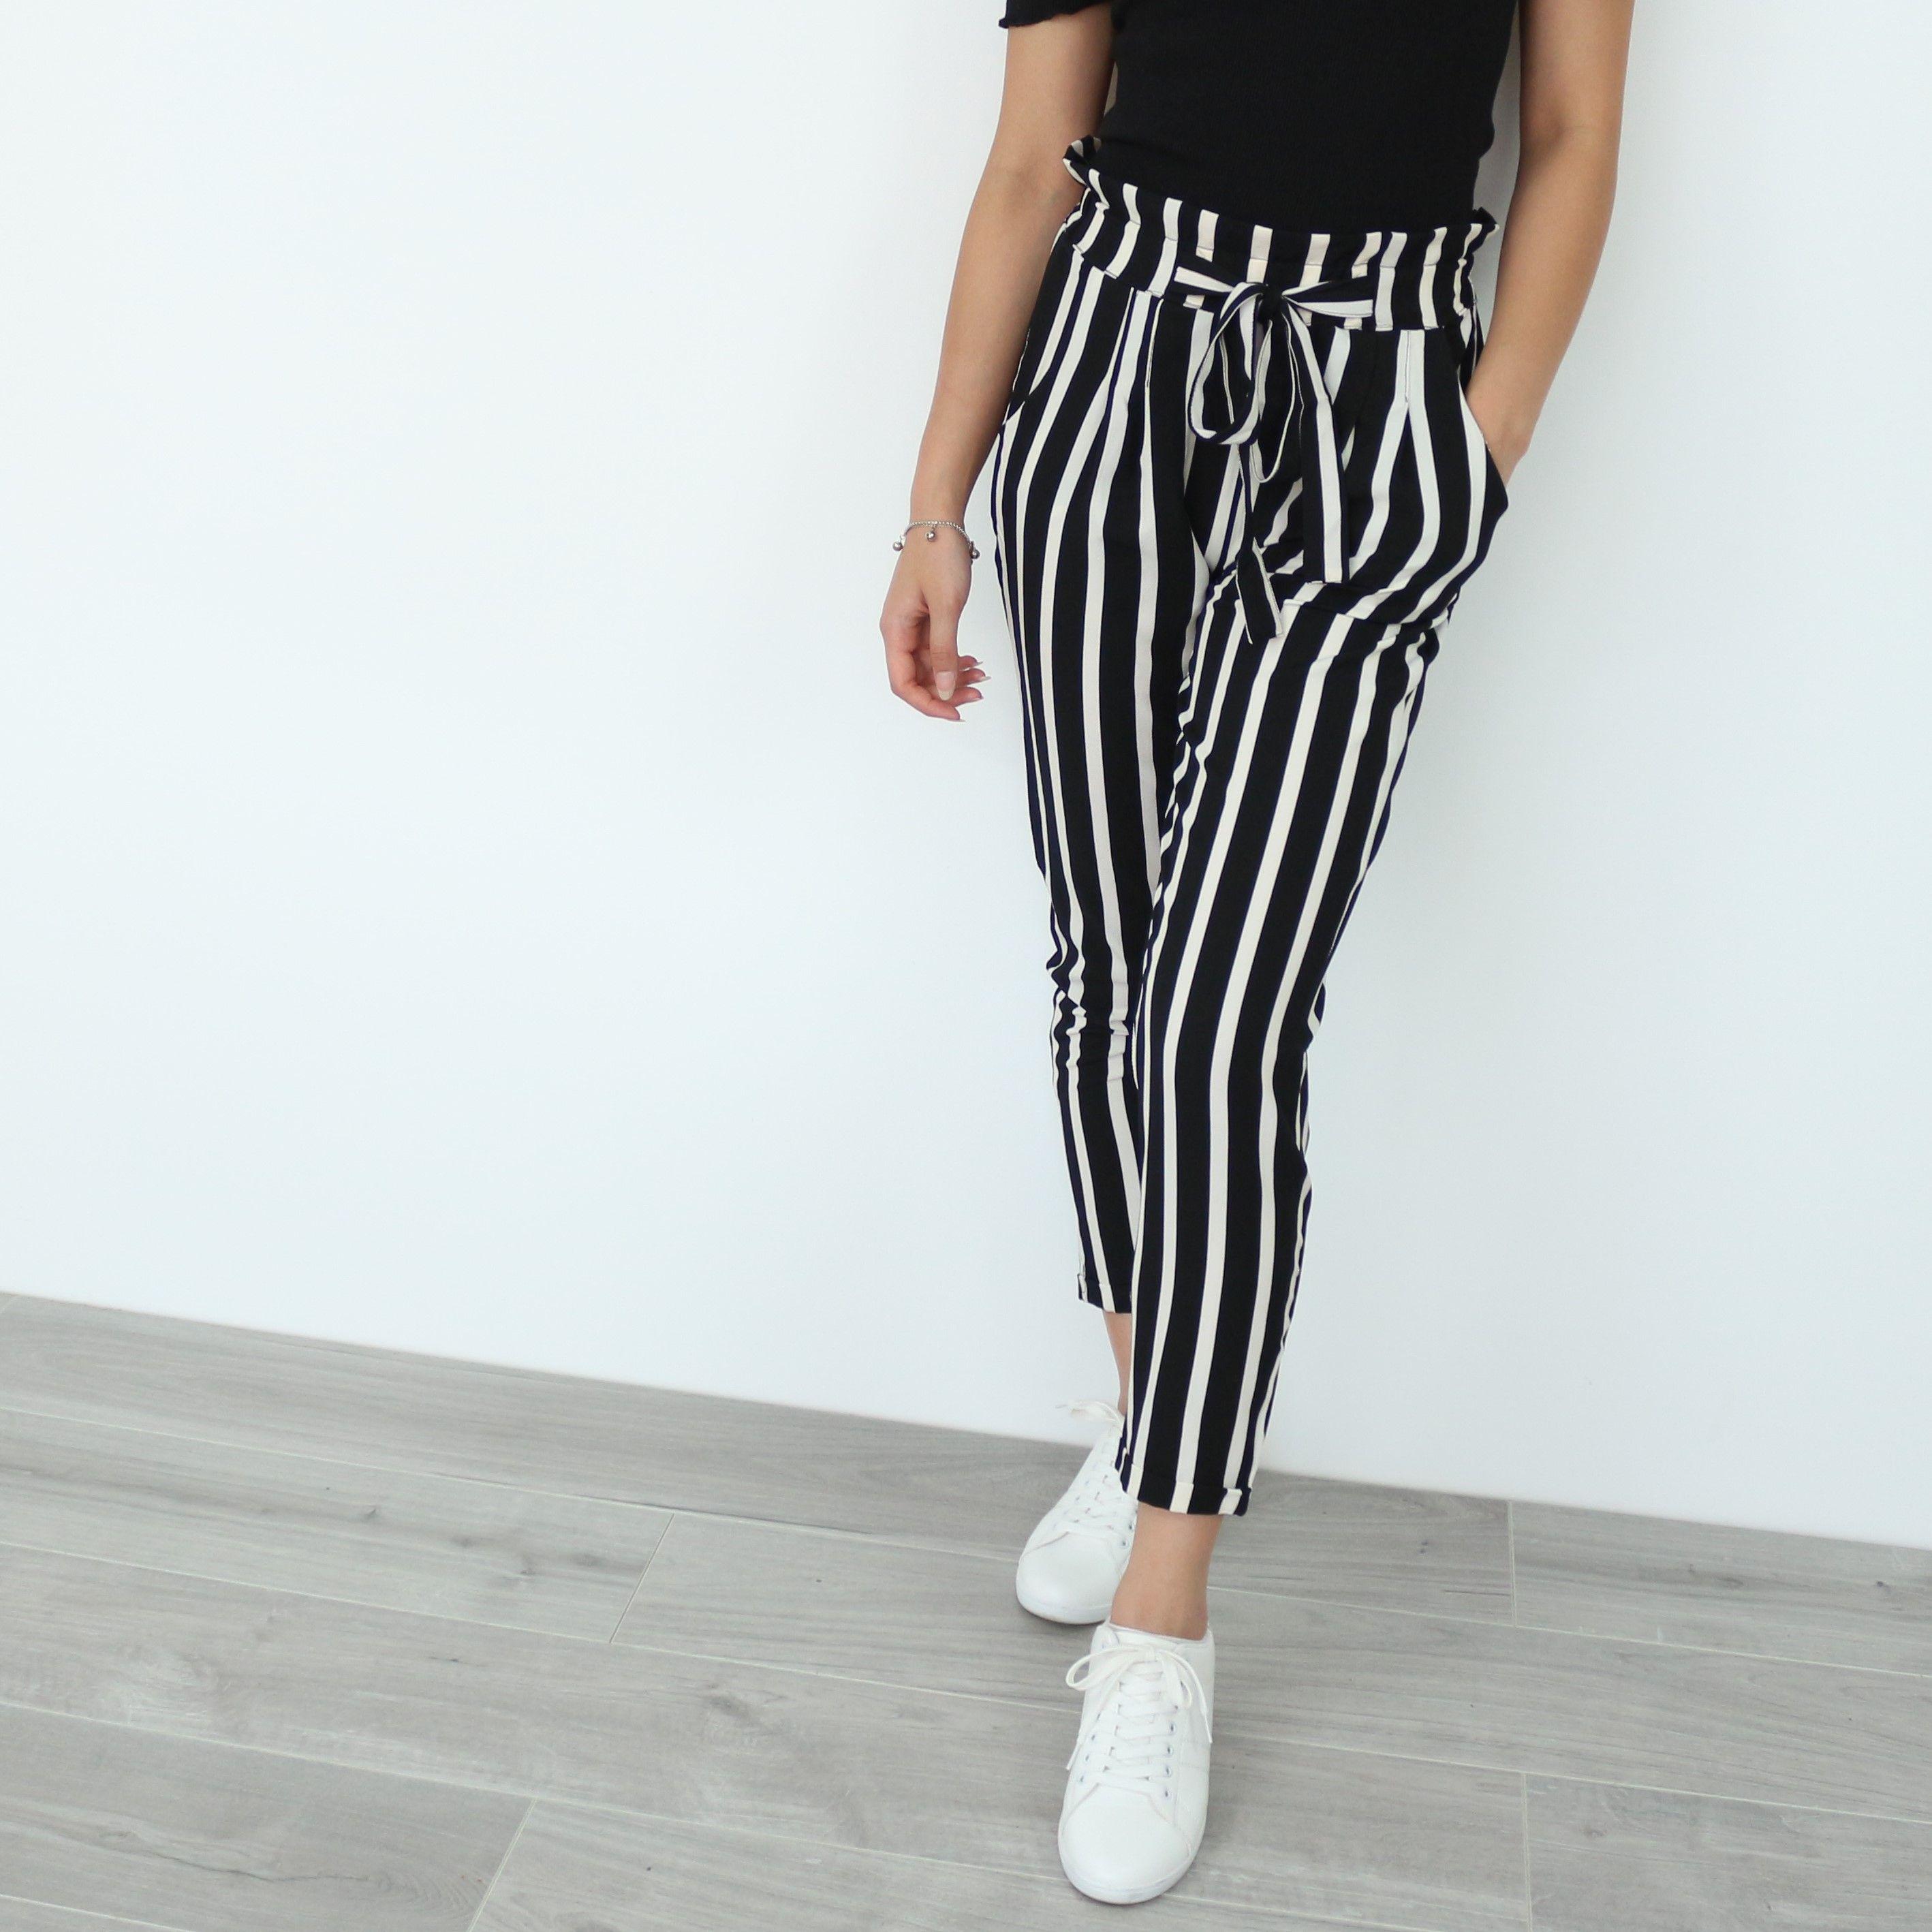 c2953cd61594e Look parfait noir et blanc pour femme. Pantalon rayé noir et blanc ...